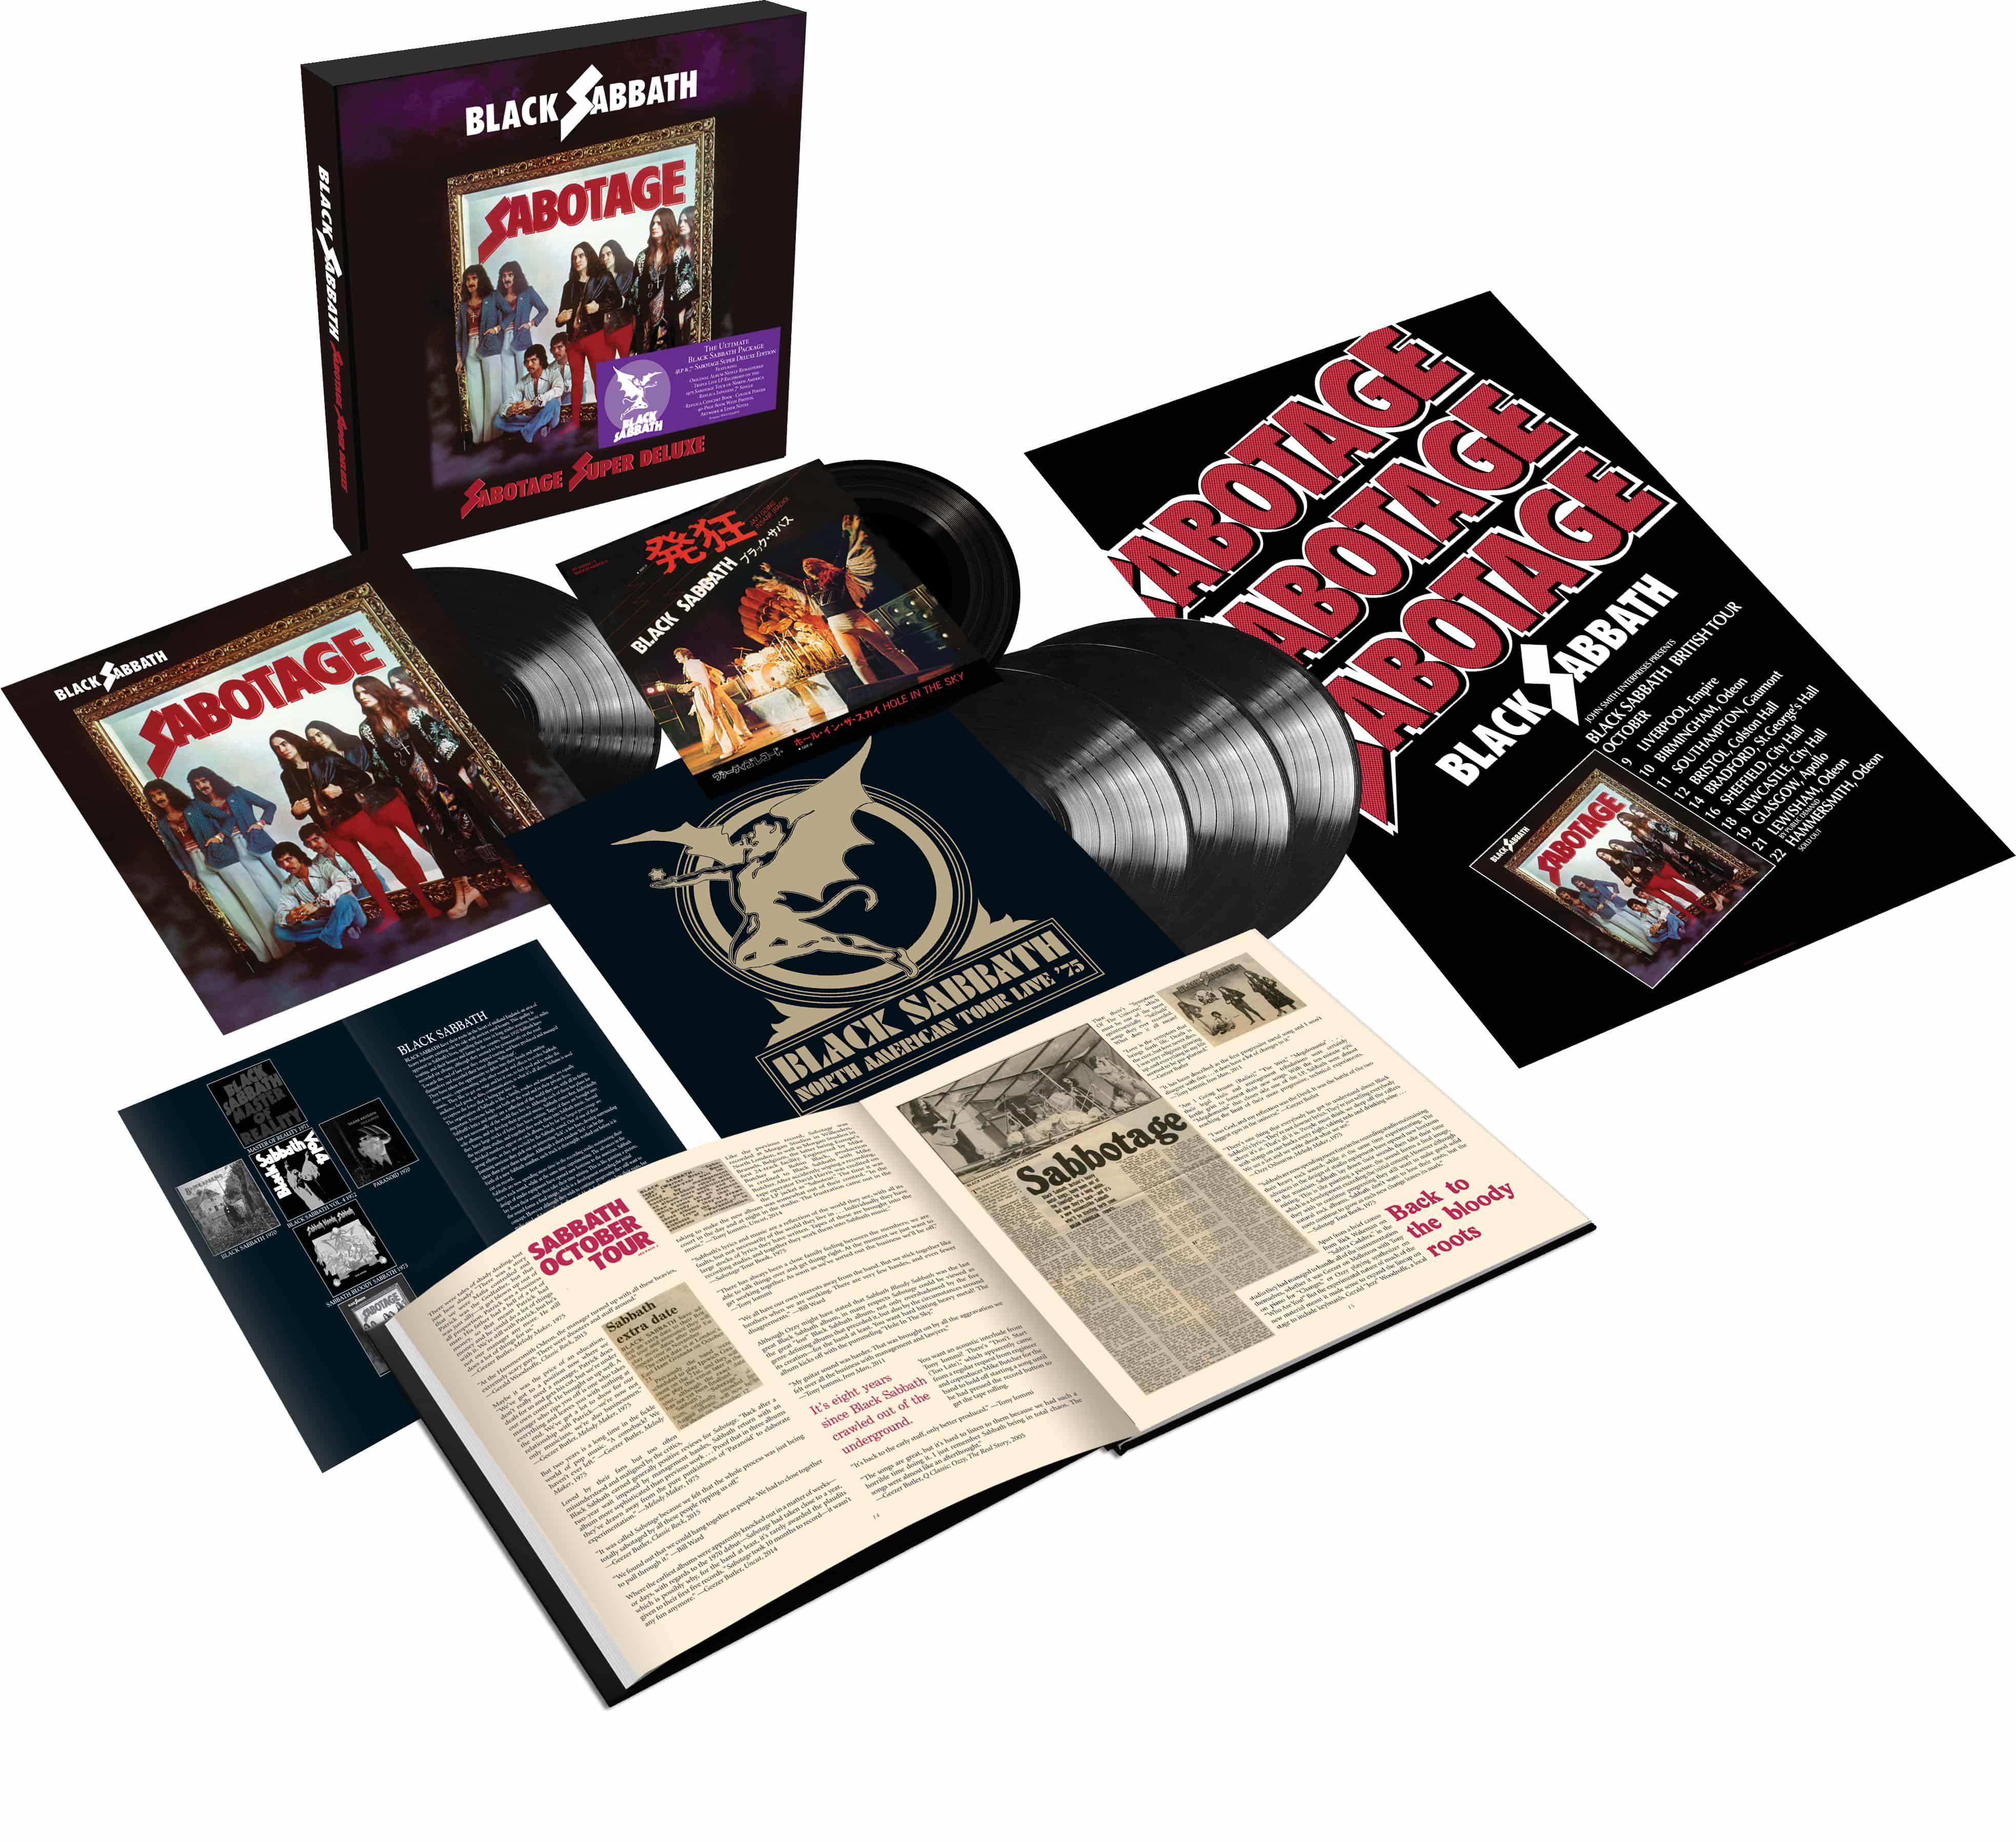 Kolejna reedycja klasycznego albumu Black Sabbath